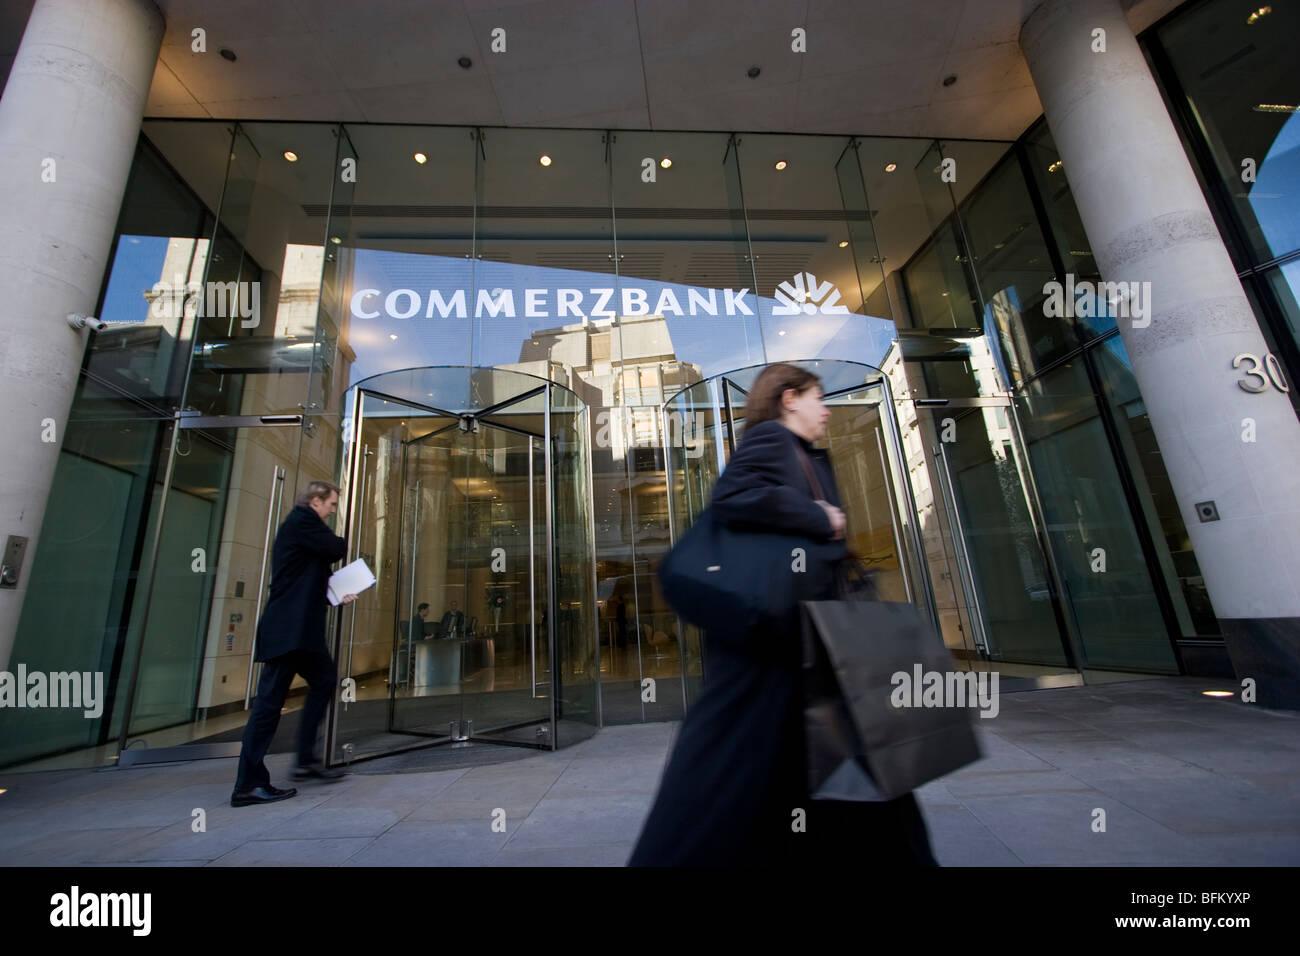 Commerzbank-Filiale, Zentral-London Stockbild